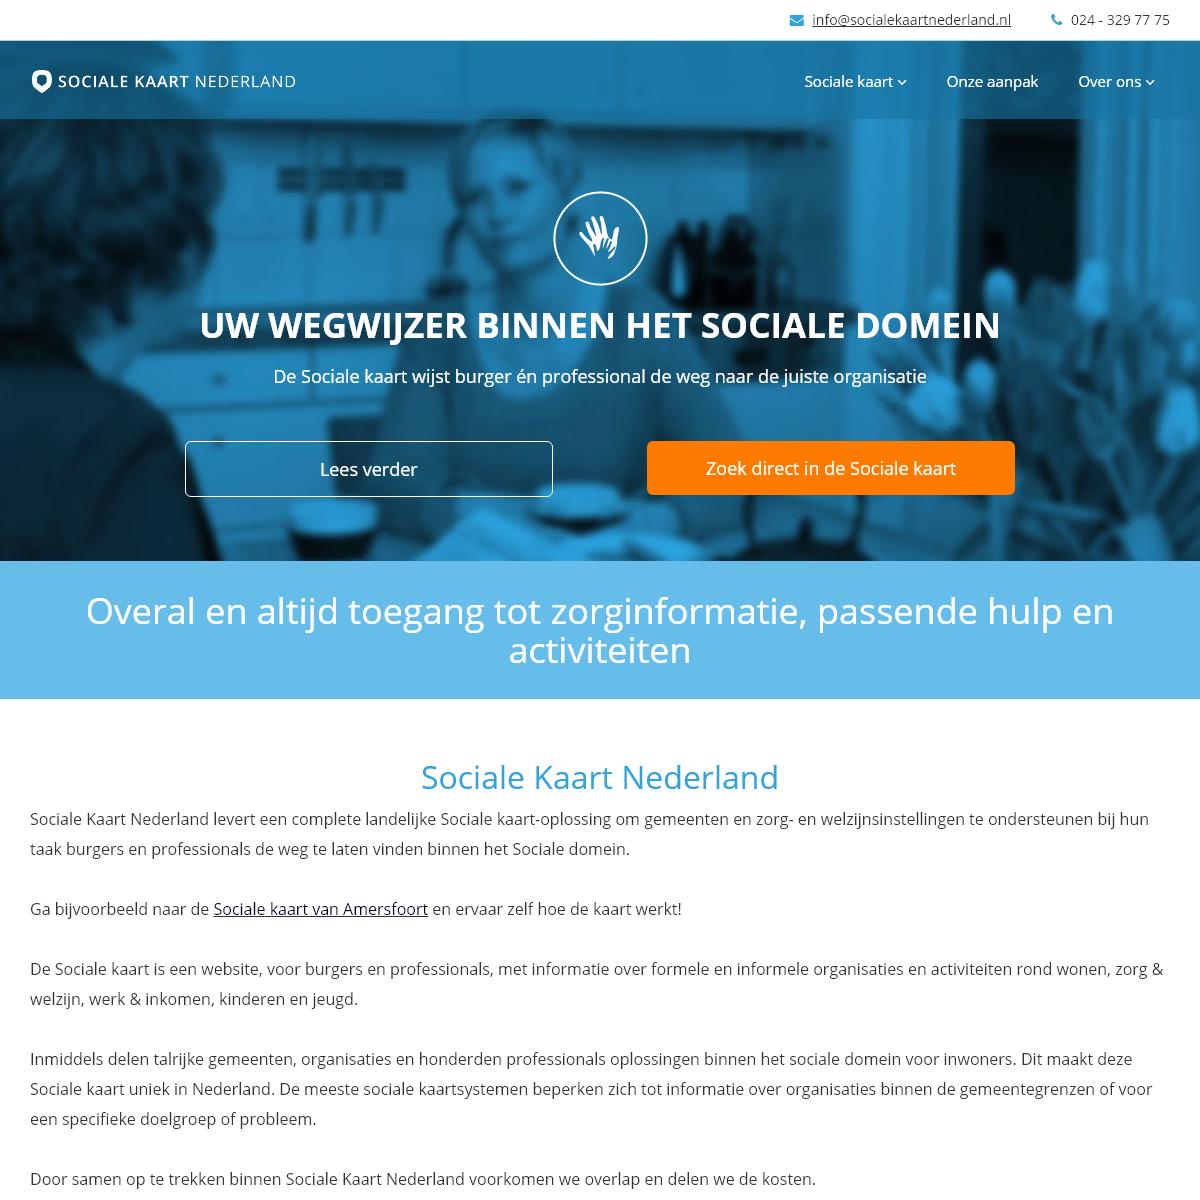 Sociale Kaart Nederland - Overal en altijd toegang tot hulp en informatie